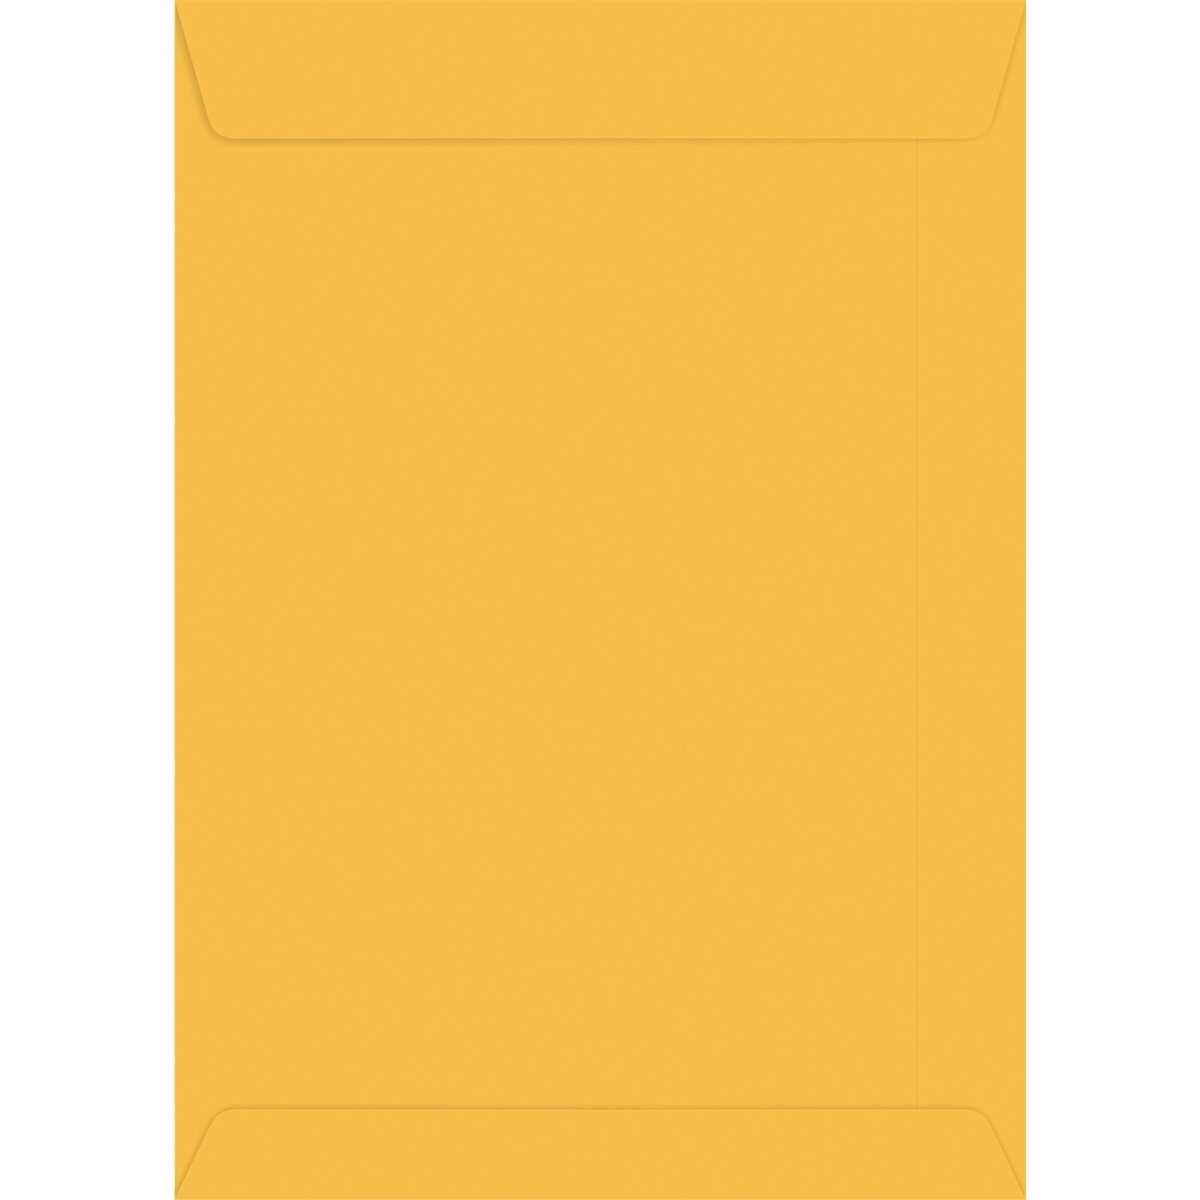 ENVELOPE SACO OURO 370 X 450